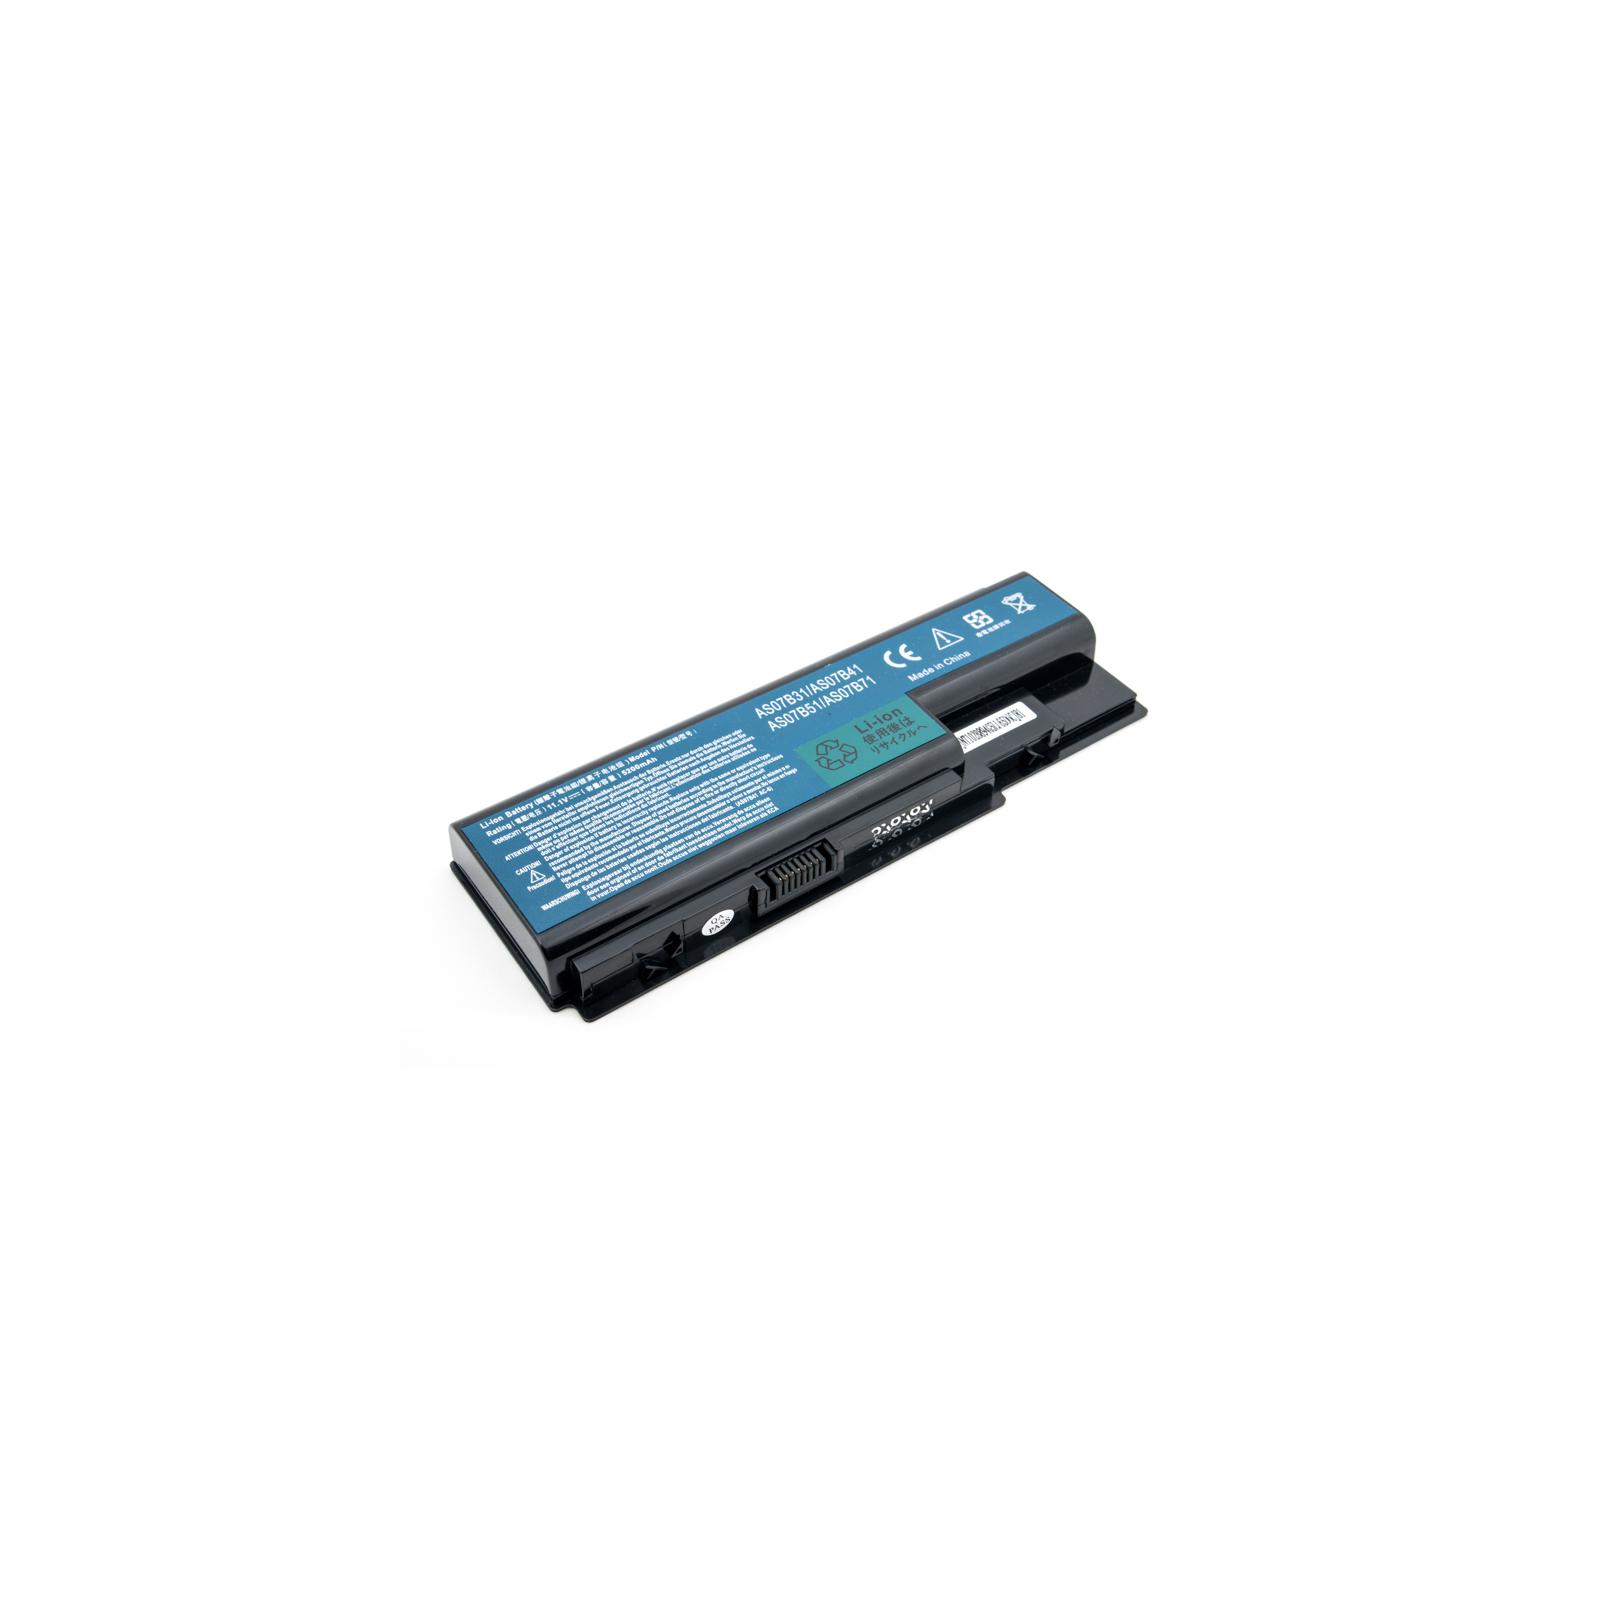 Аккумулятор для ноутбука ACER Aspire 5230 (AS07B41, AR5923LH) 11.1V 5200mAh PowerPlant (NB00000196)